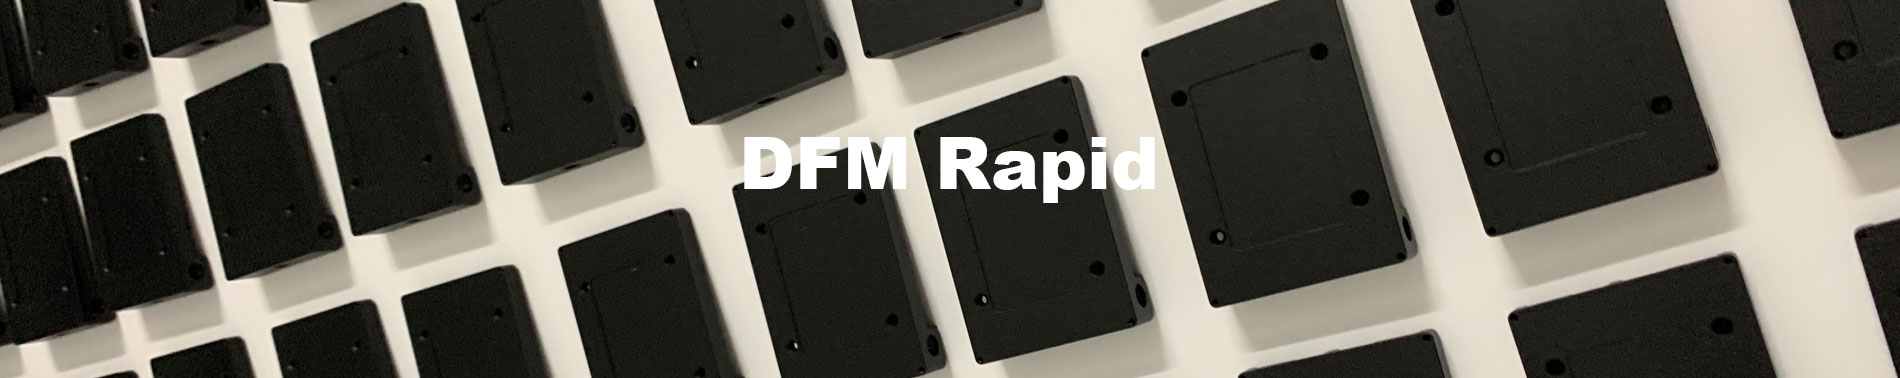 DFM Rapid CNC Services